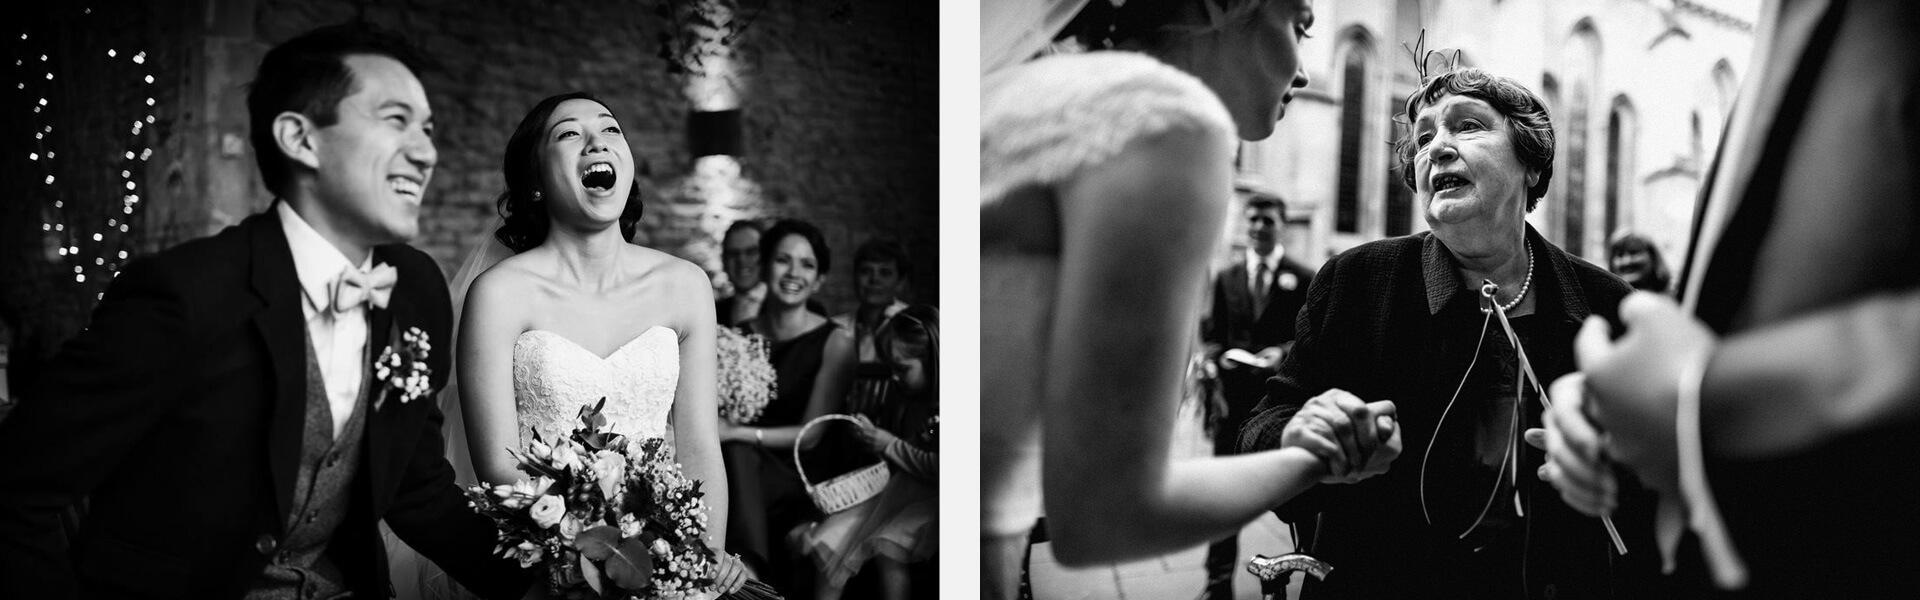 Fotozsurnalista esküvőfotó stilus